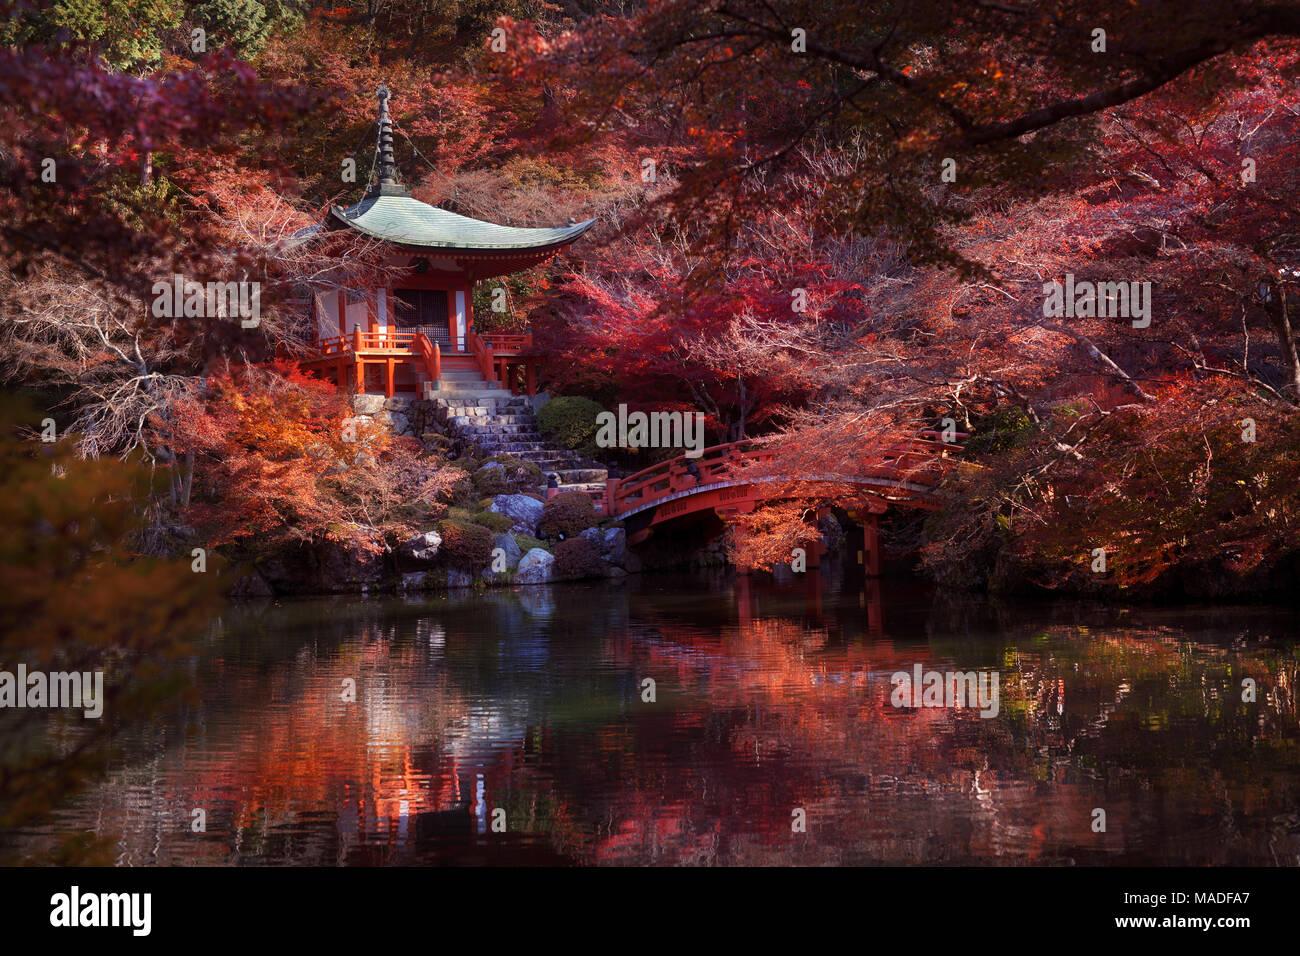 Bentendo Halle mit einer Brücke über einen Teich an Daigo-ji Tempel, in einem wunderschönen rot bunte Herbstlandschaft von japanischen Ahorn Bäume umgeben. Shimo-Daigo Stockbild